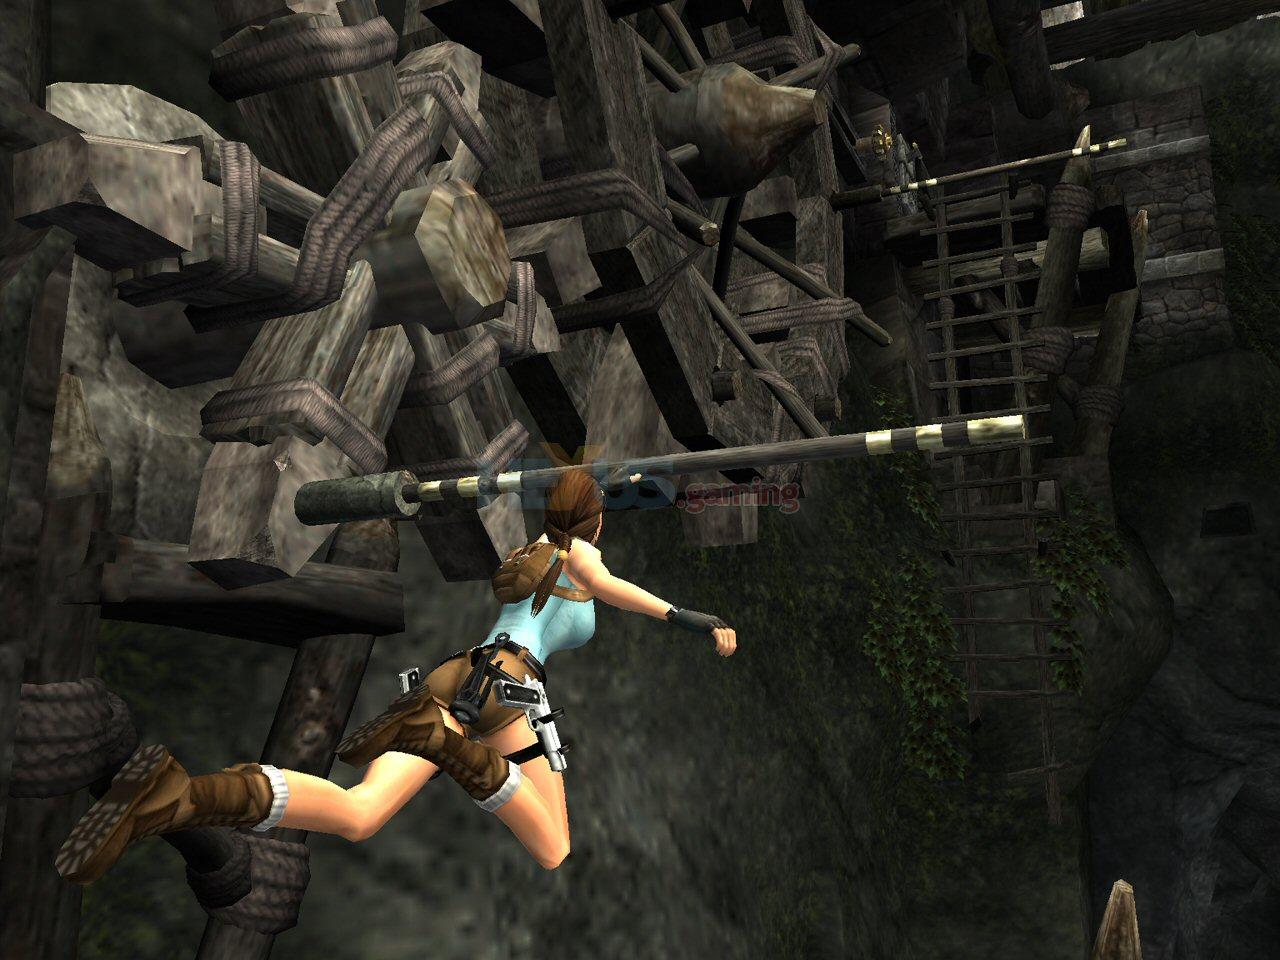 Tomb Raider: Anniversary – PS2 - Xbox 360 - News - HEXUS.net